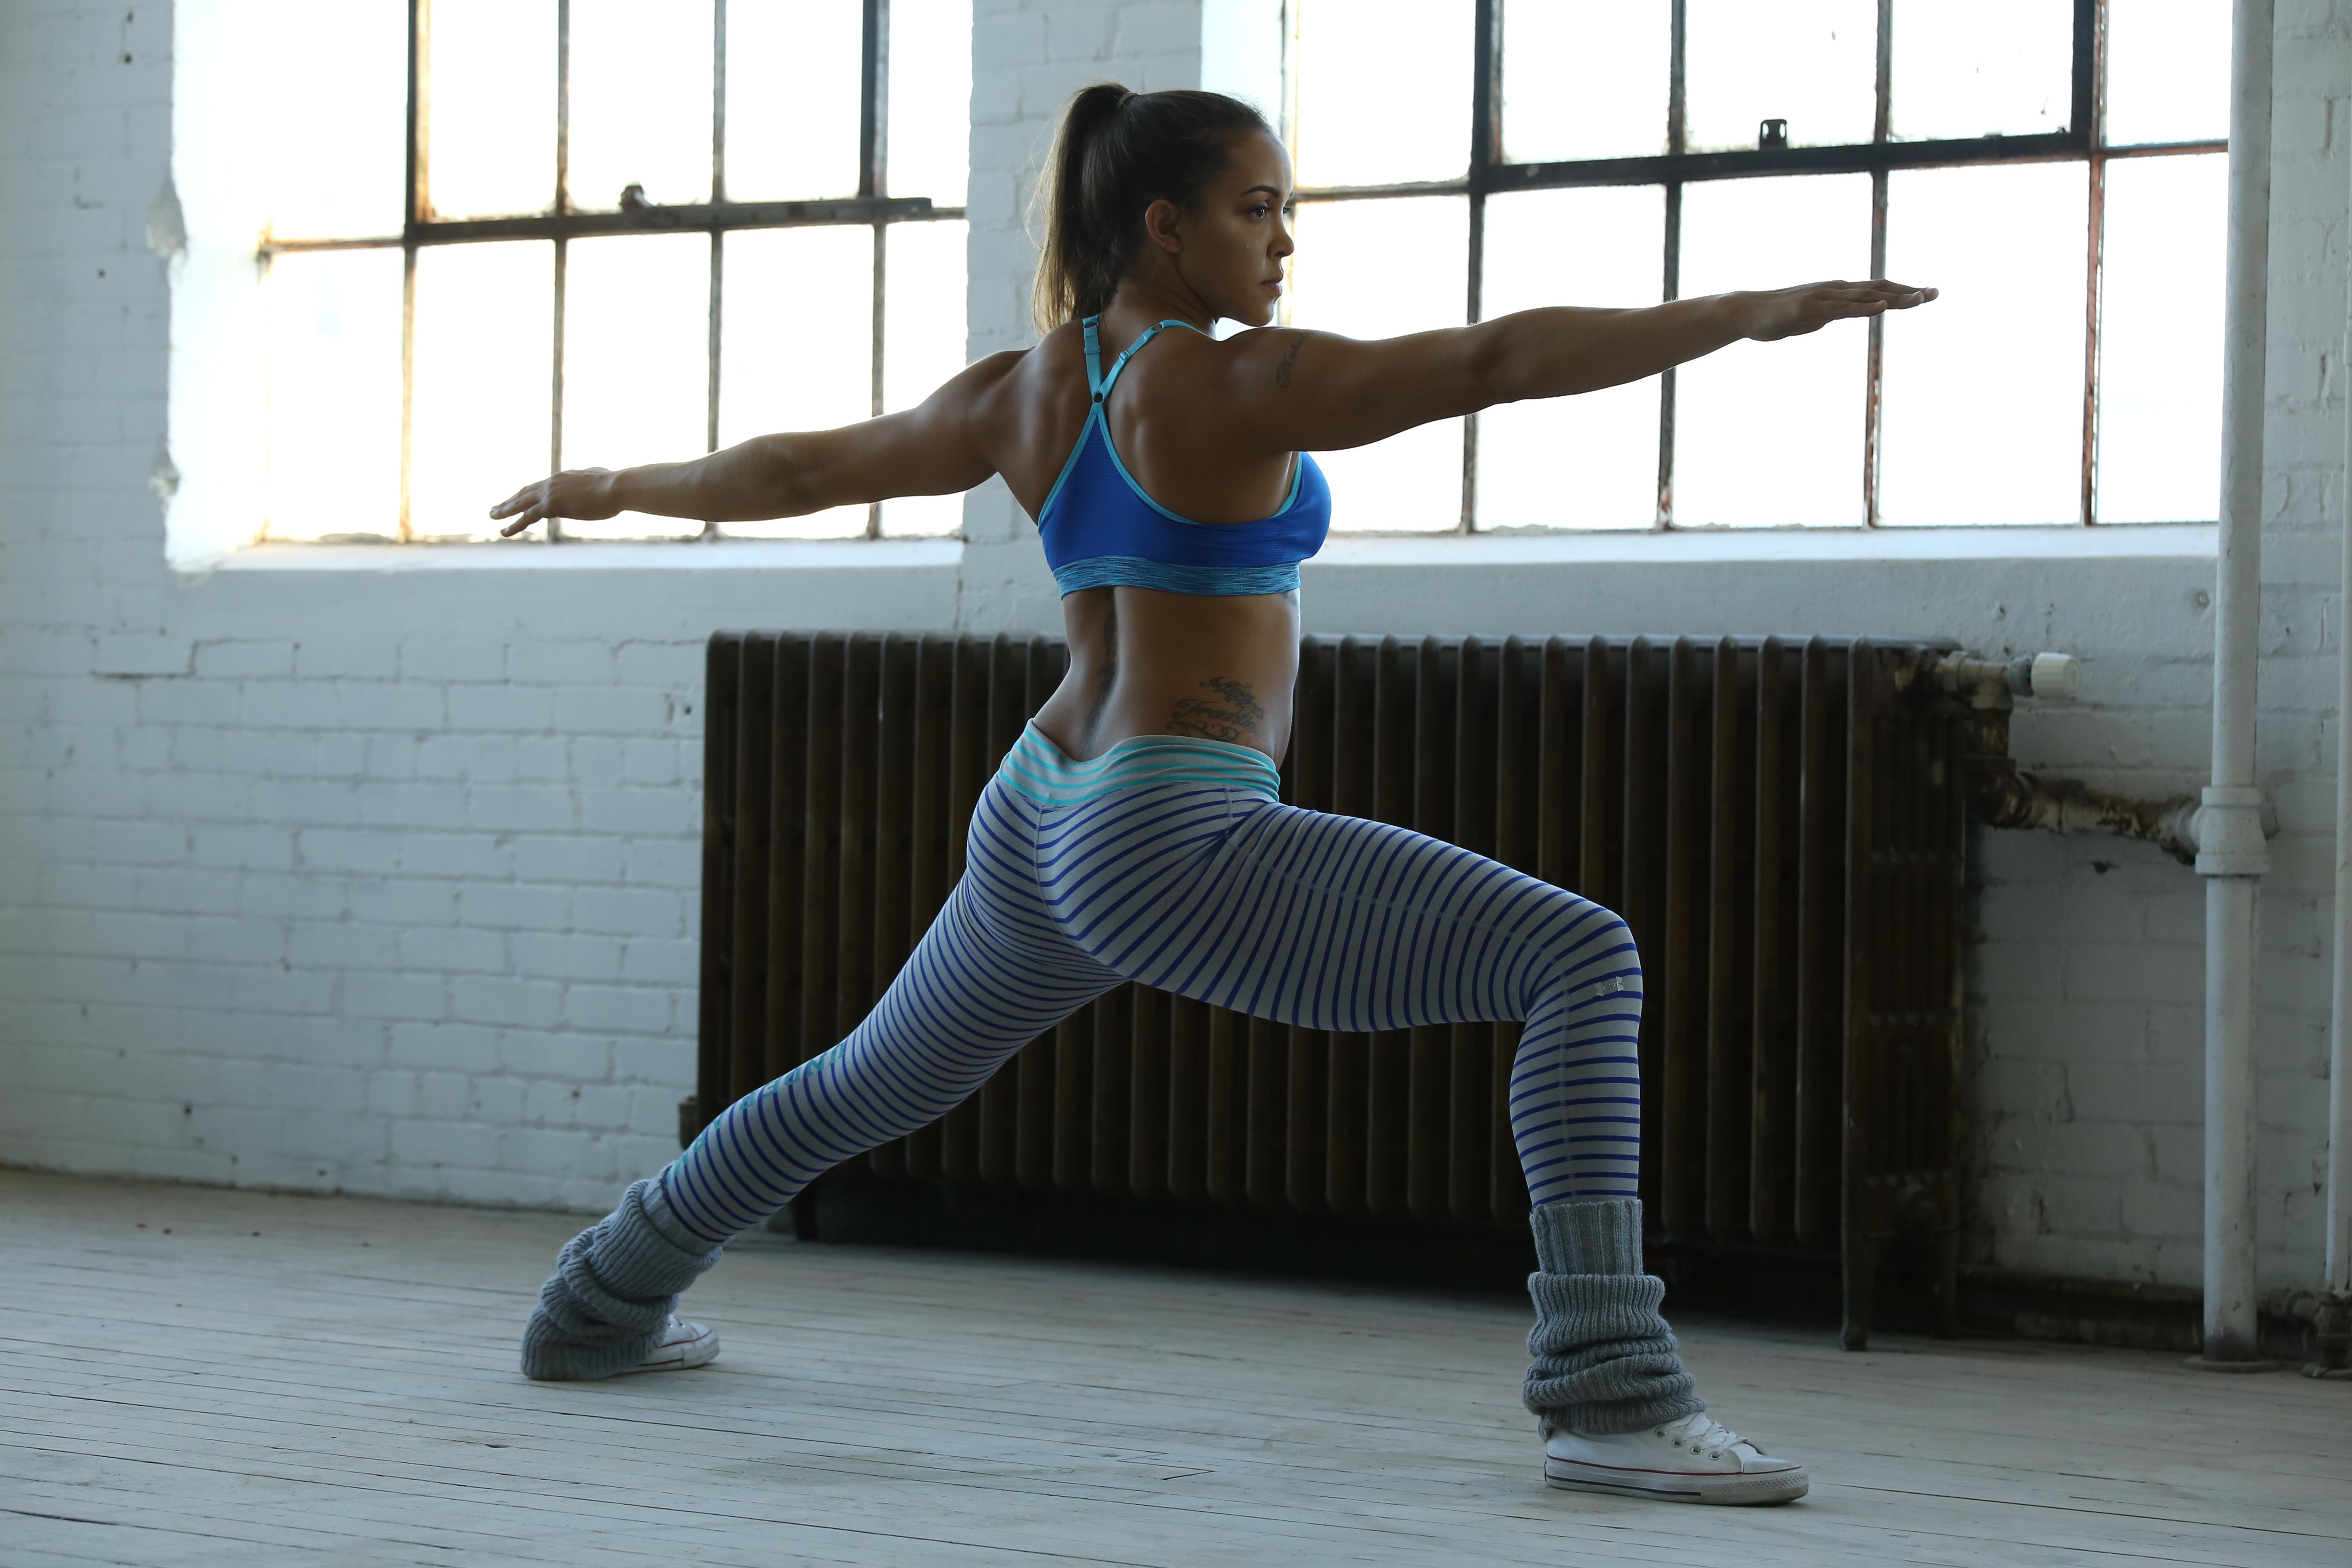 Yoga, Stretch, Personal Training